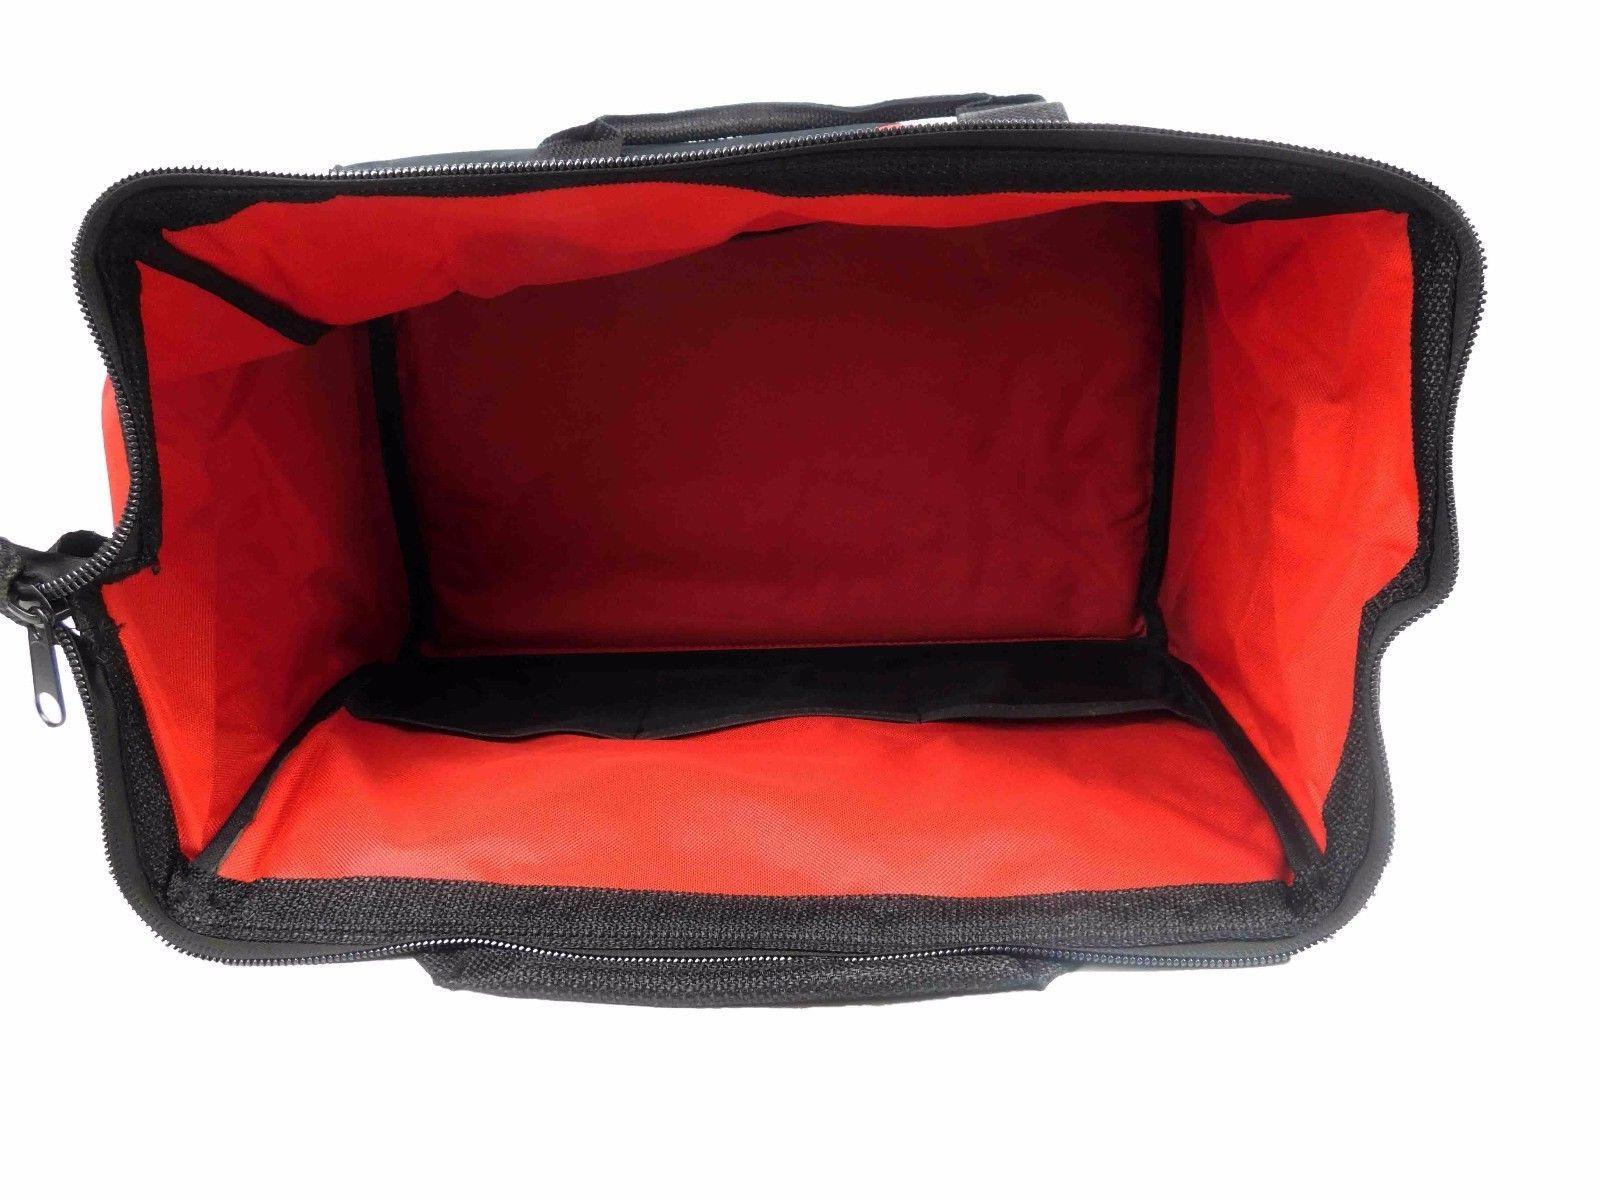 Milwaukee 16-Inch Duty Canvas Tool Bag